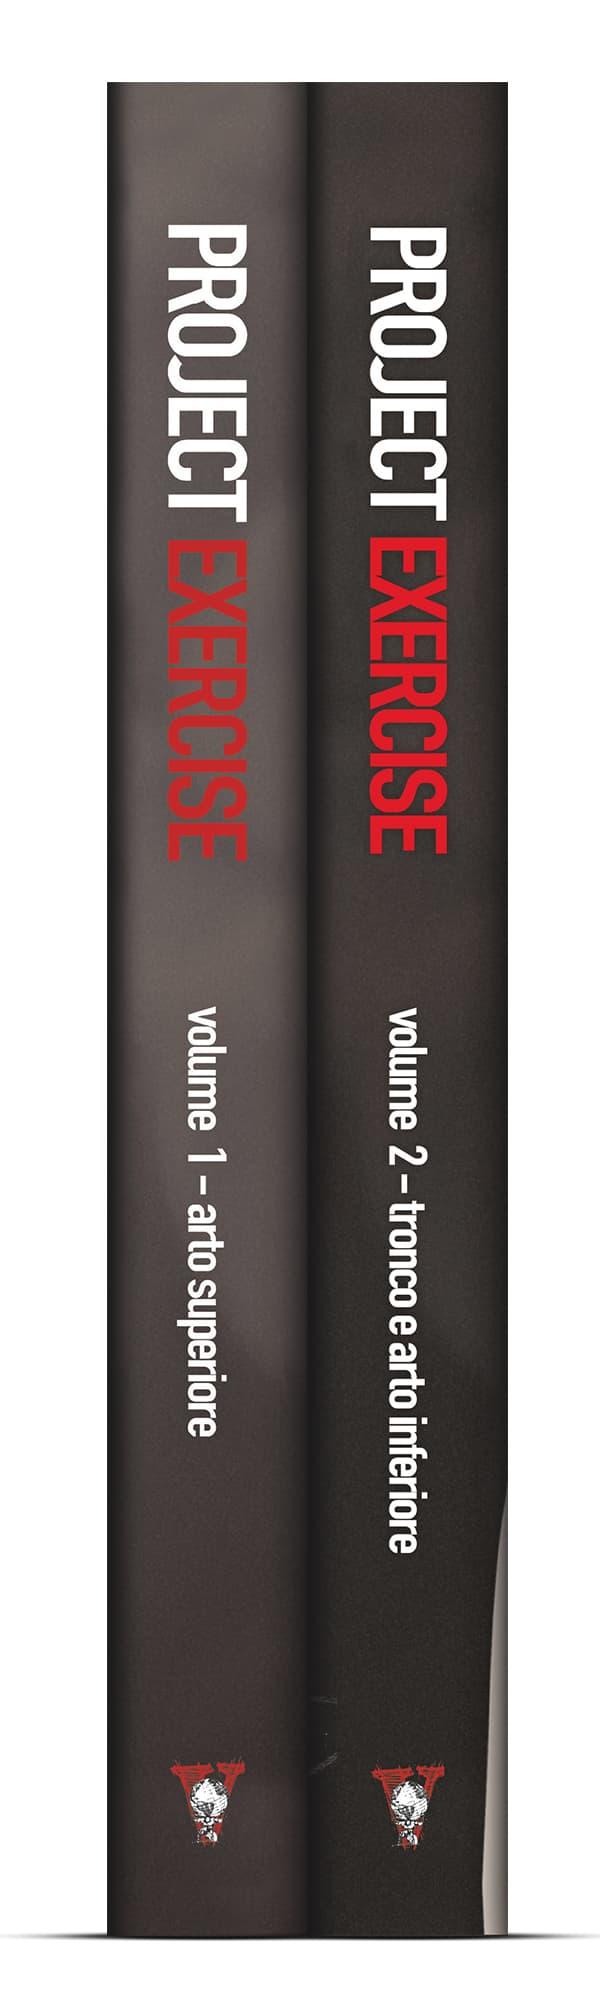 Project Exercise Vol 1-2 dorsi libri